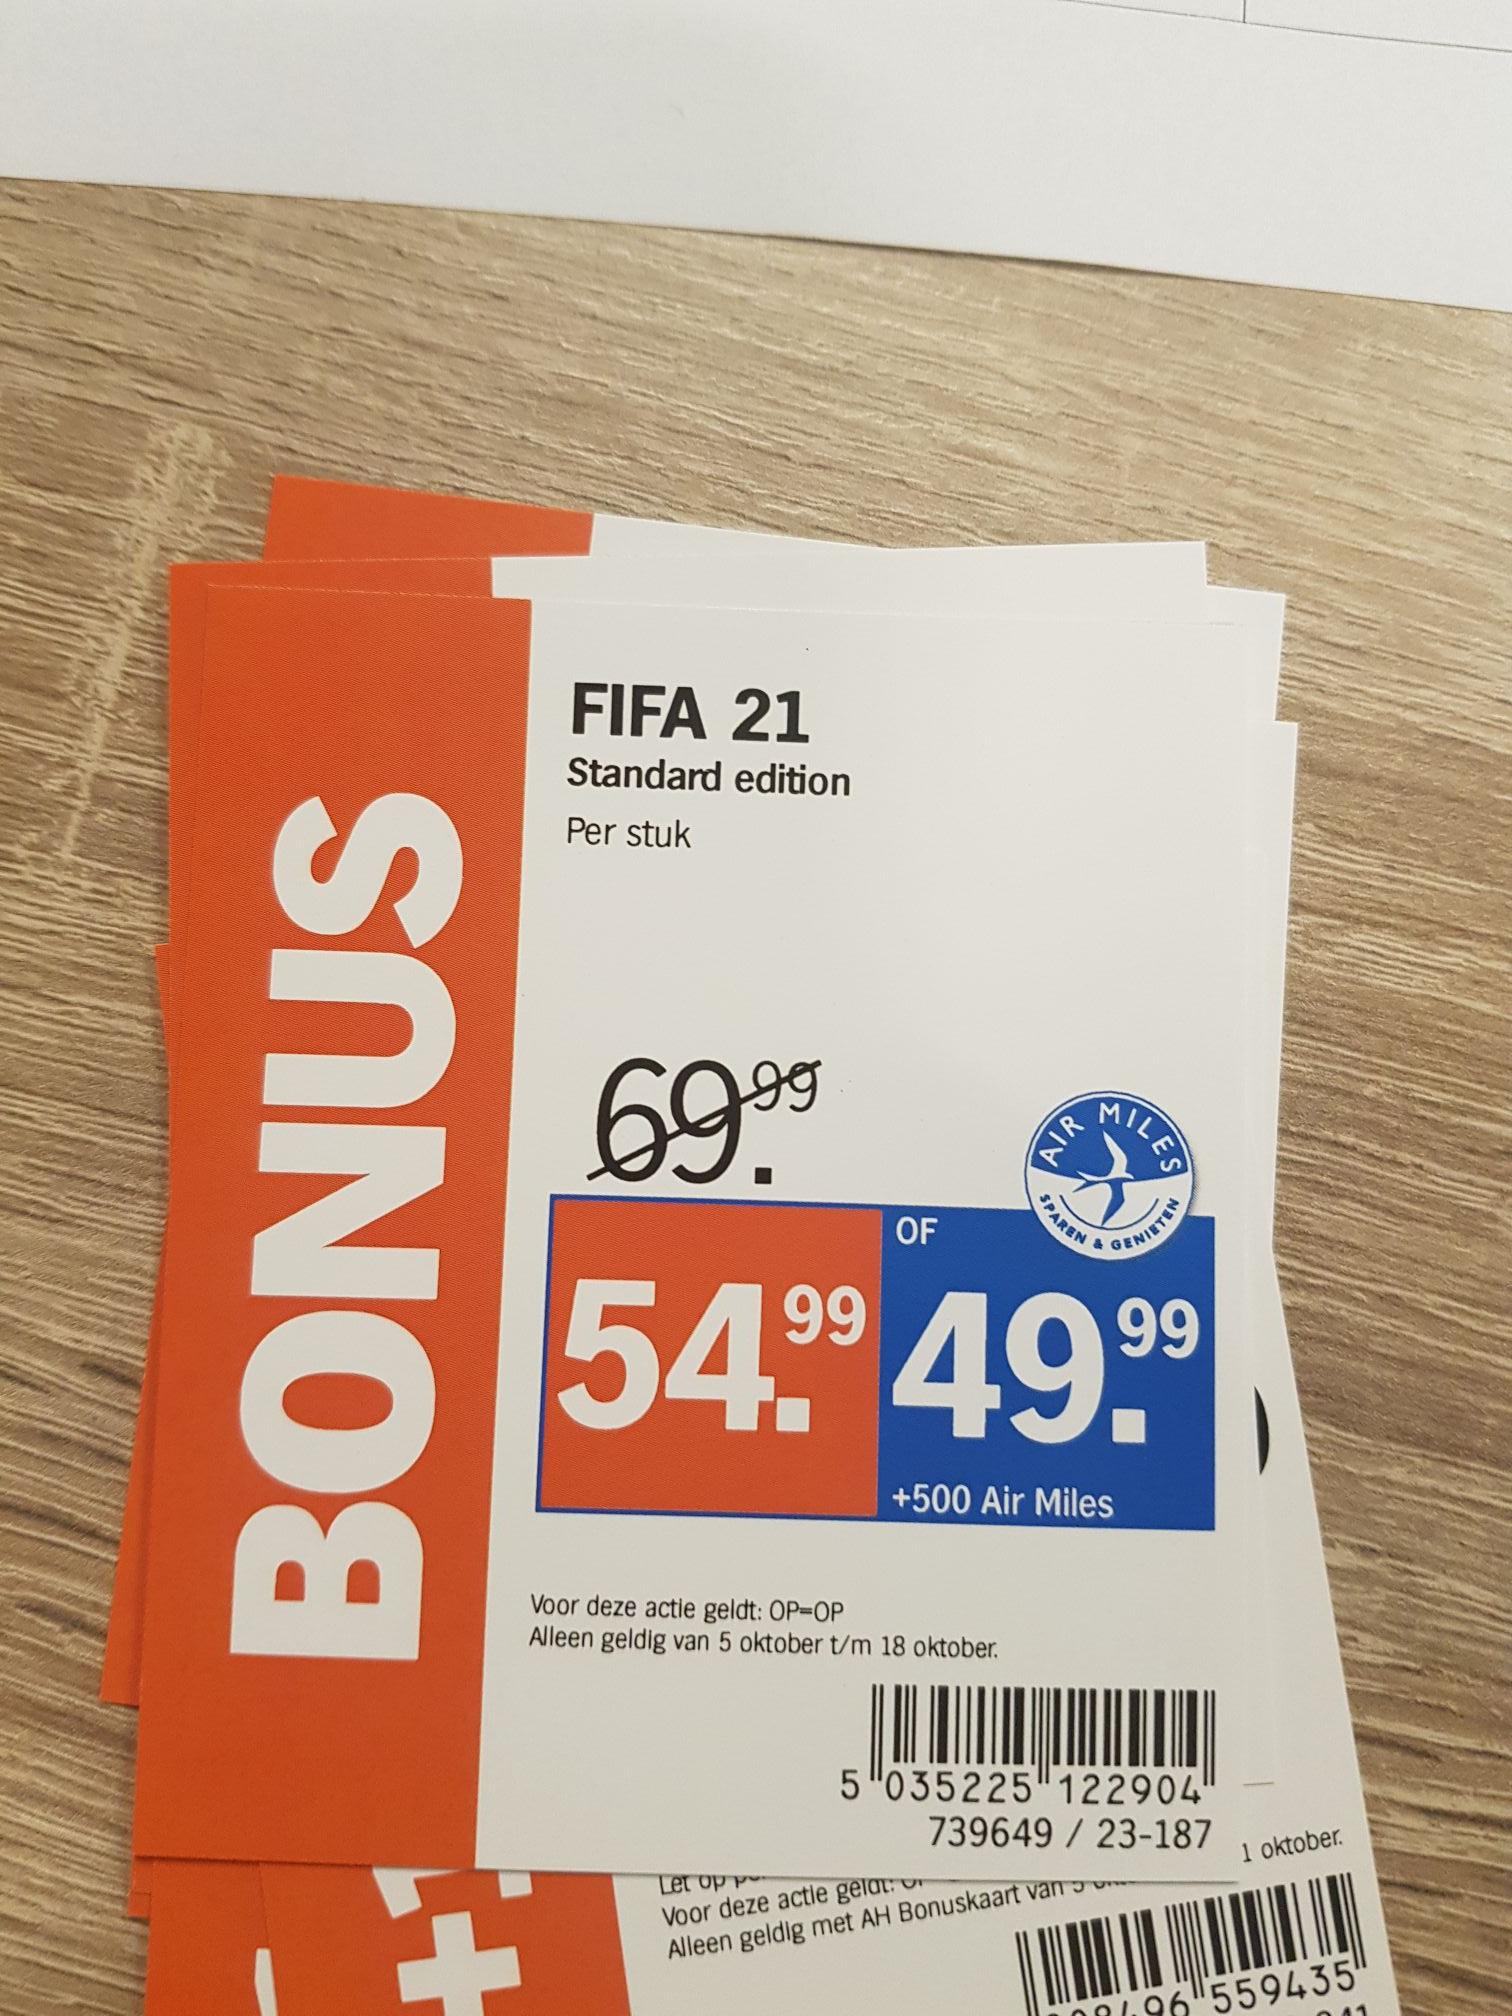 FIFA 21 PS4 €49.99 + 500 airmiles PS4 @ Albert Heijn